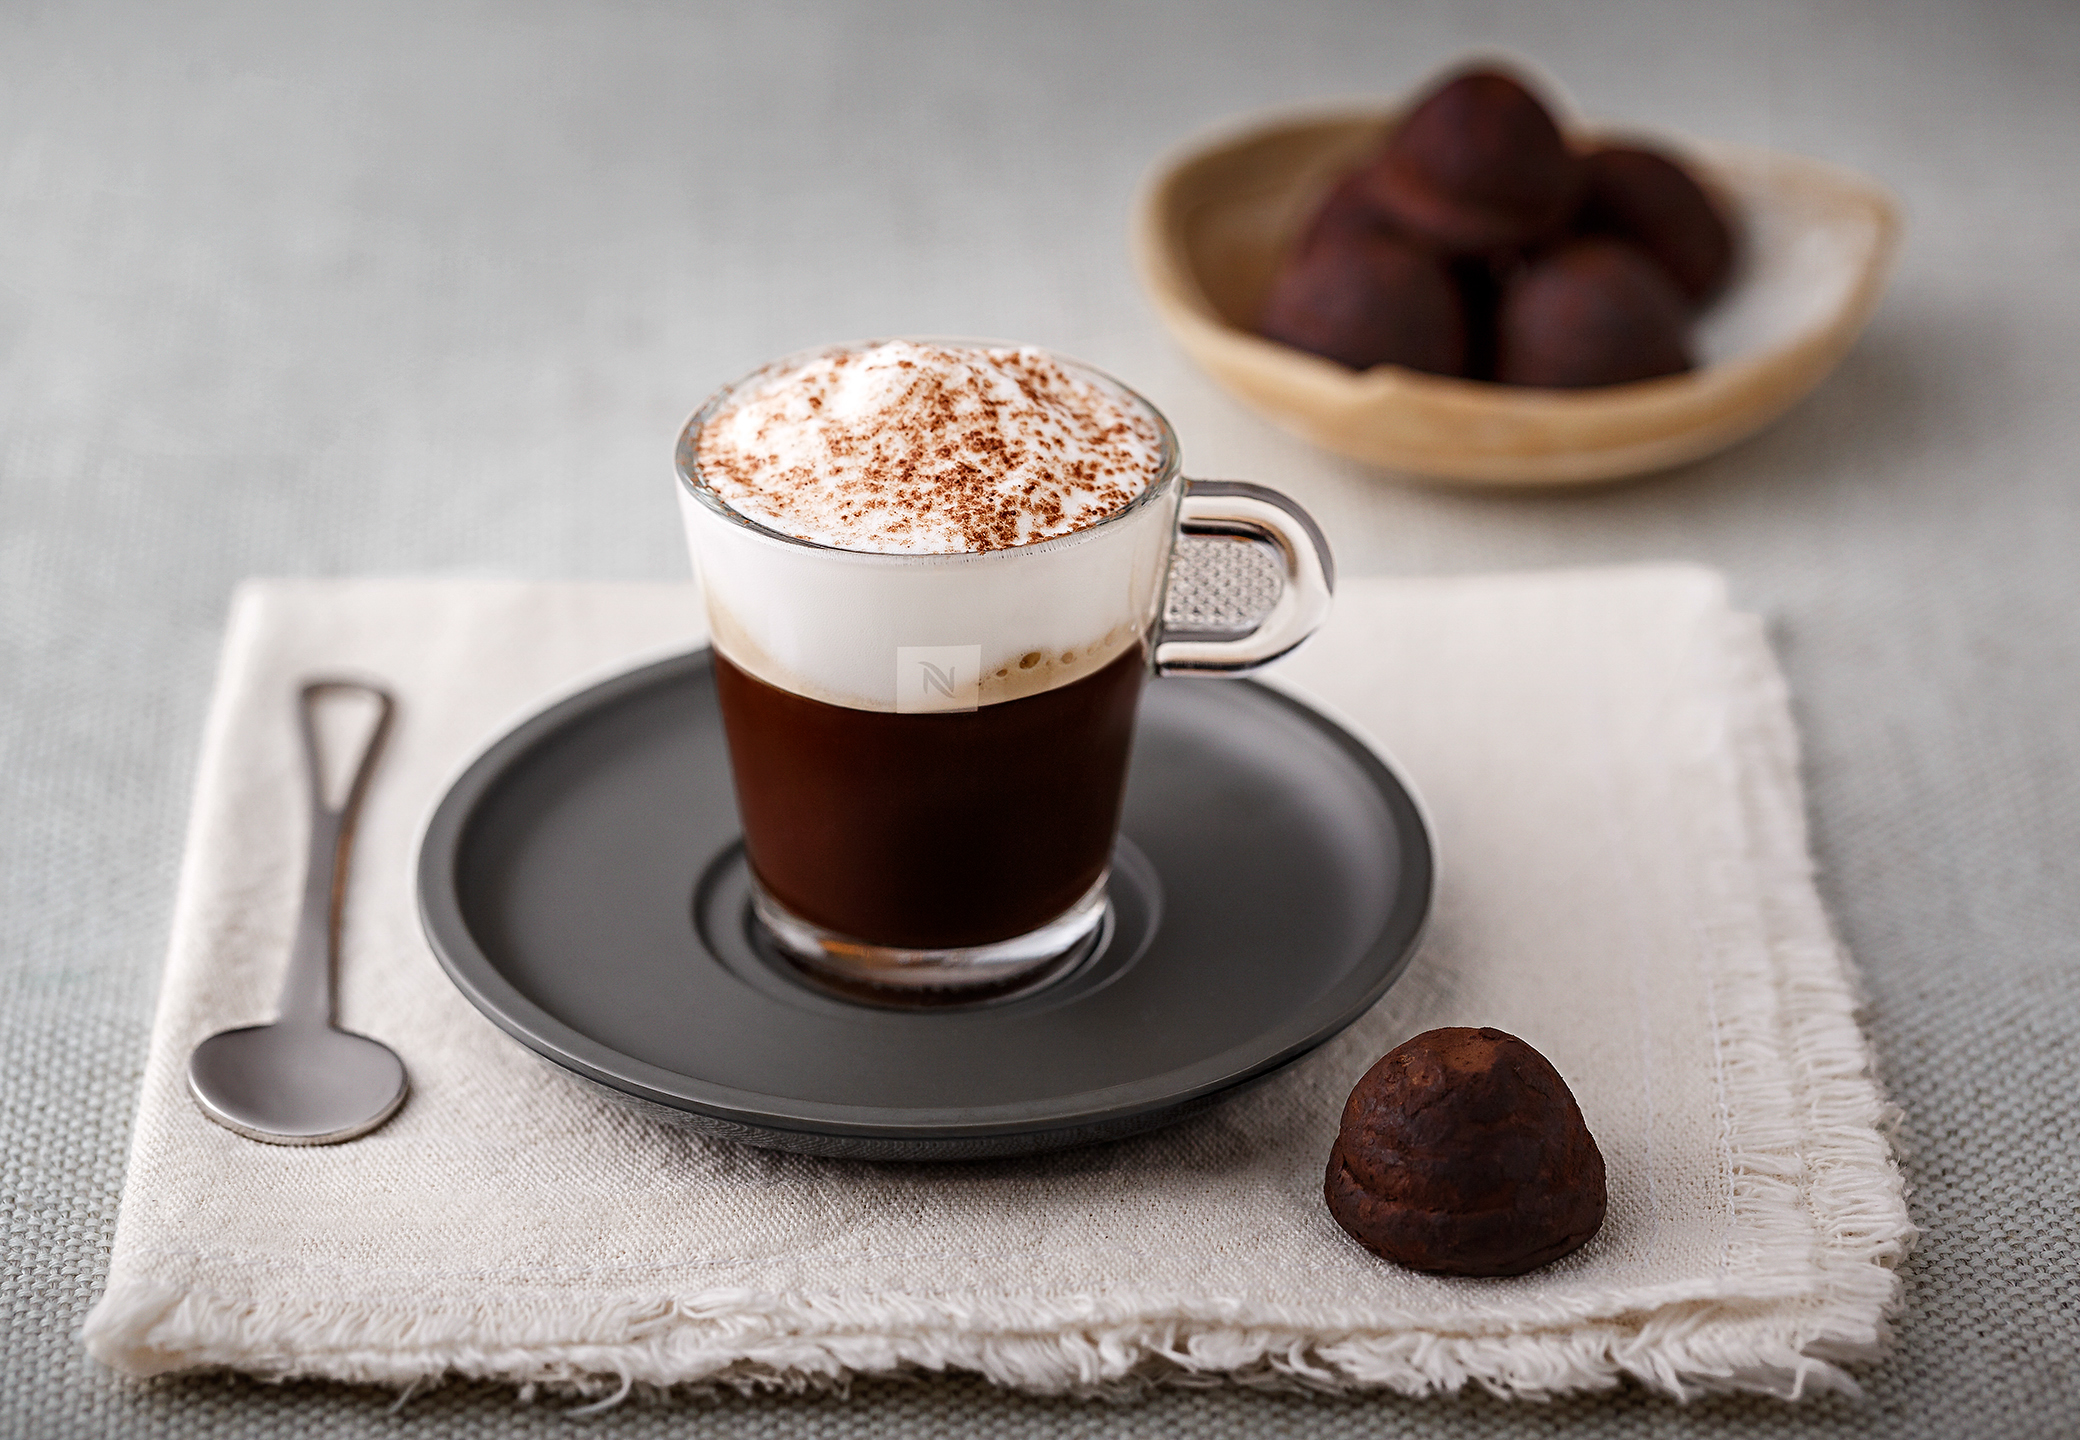 nespresso-recipes-cafe-trufado.jpg